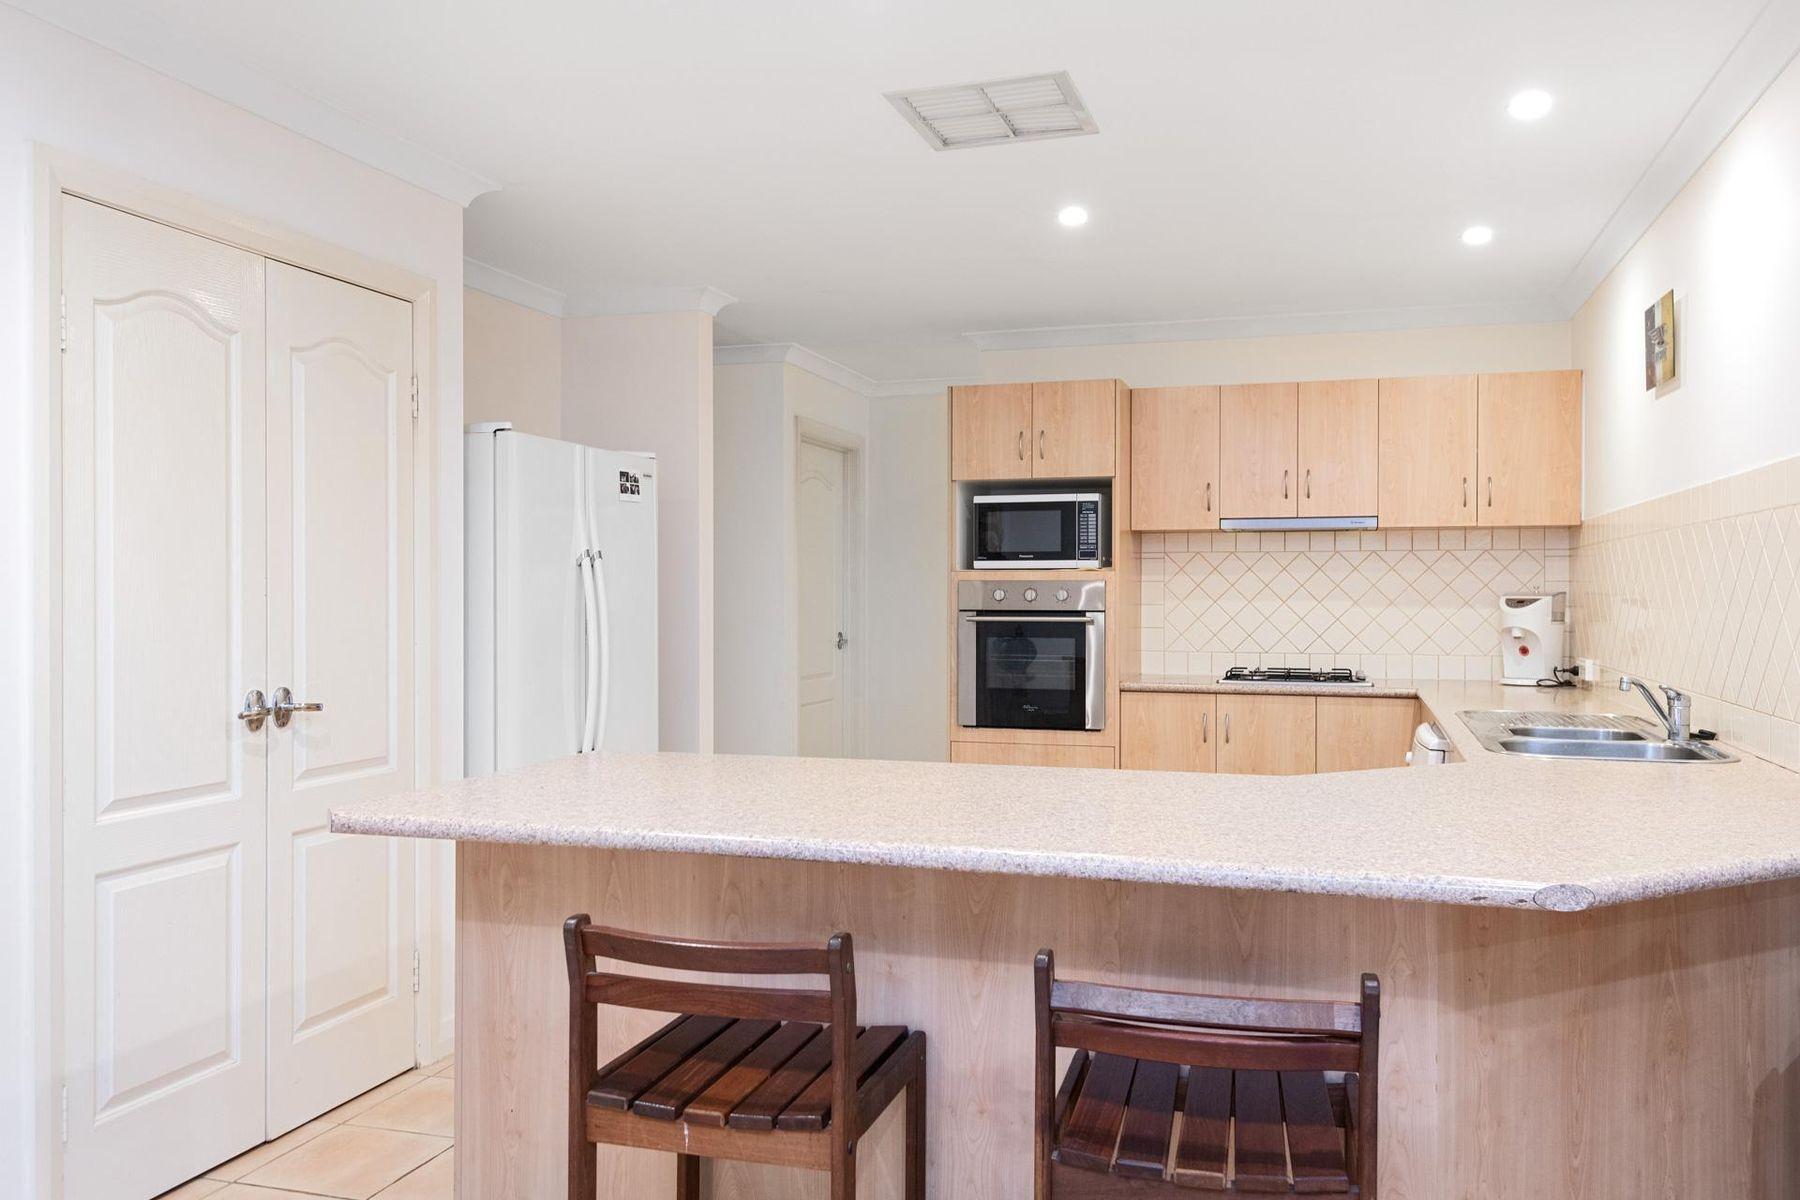 31A Oberthur Street, Kalgoorlie, WA 6430